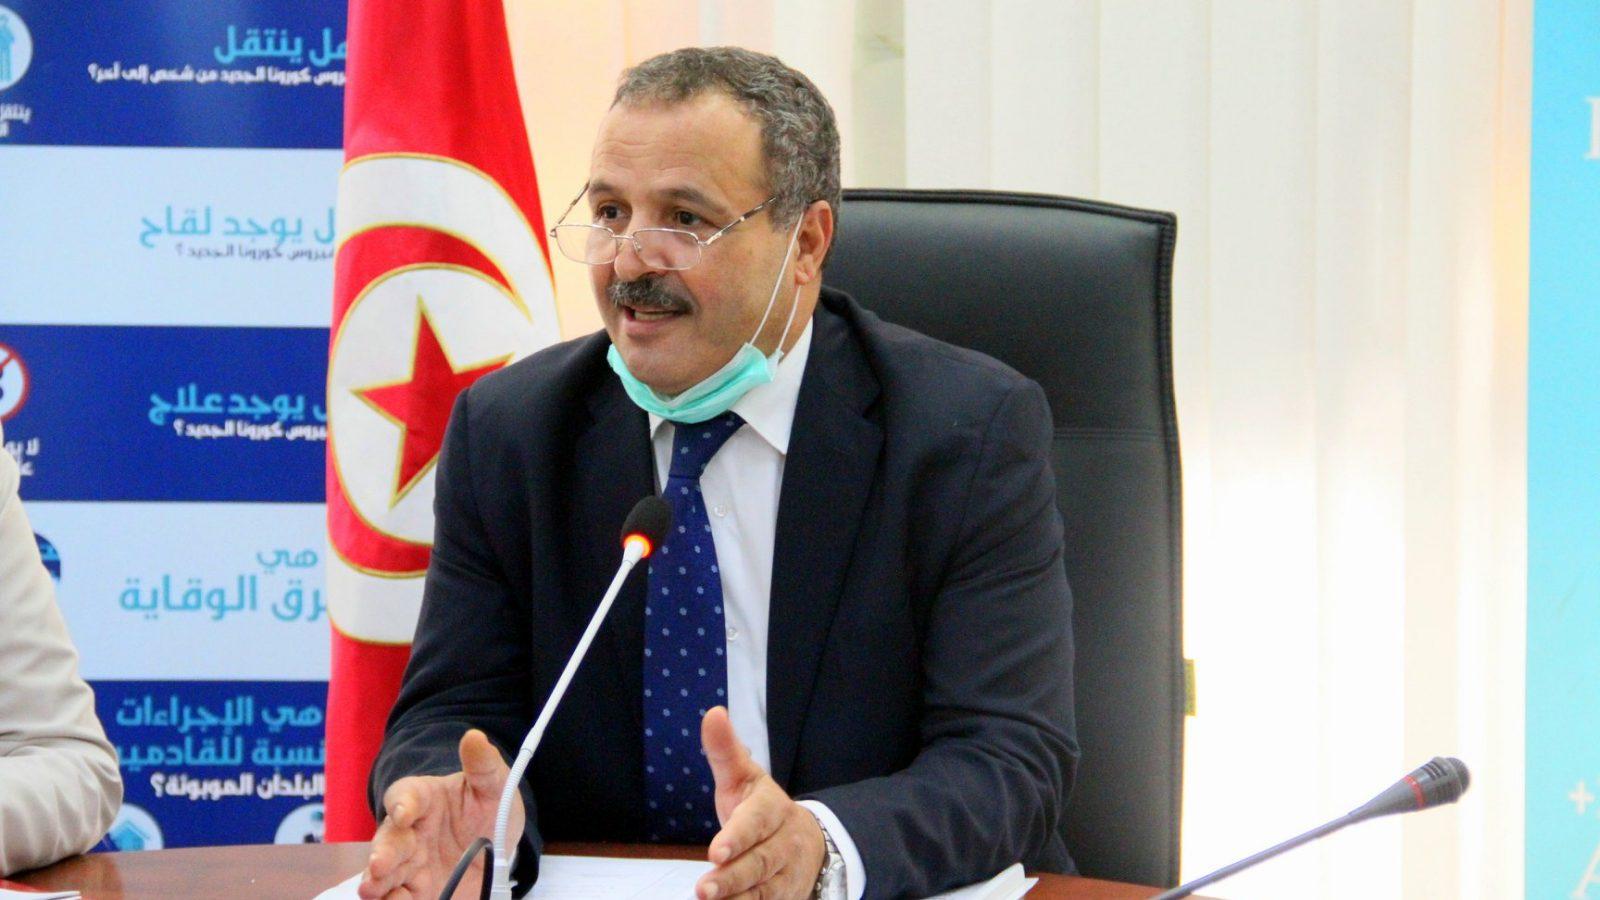 عبد اللطيف المكي يؤكد: تونس خسرت الحرب ضد كورونا